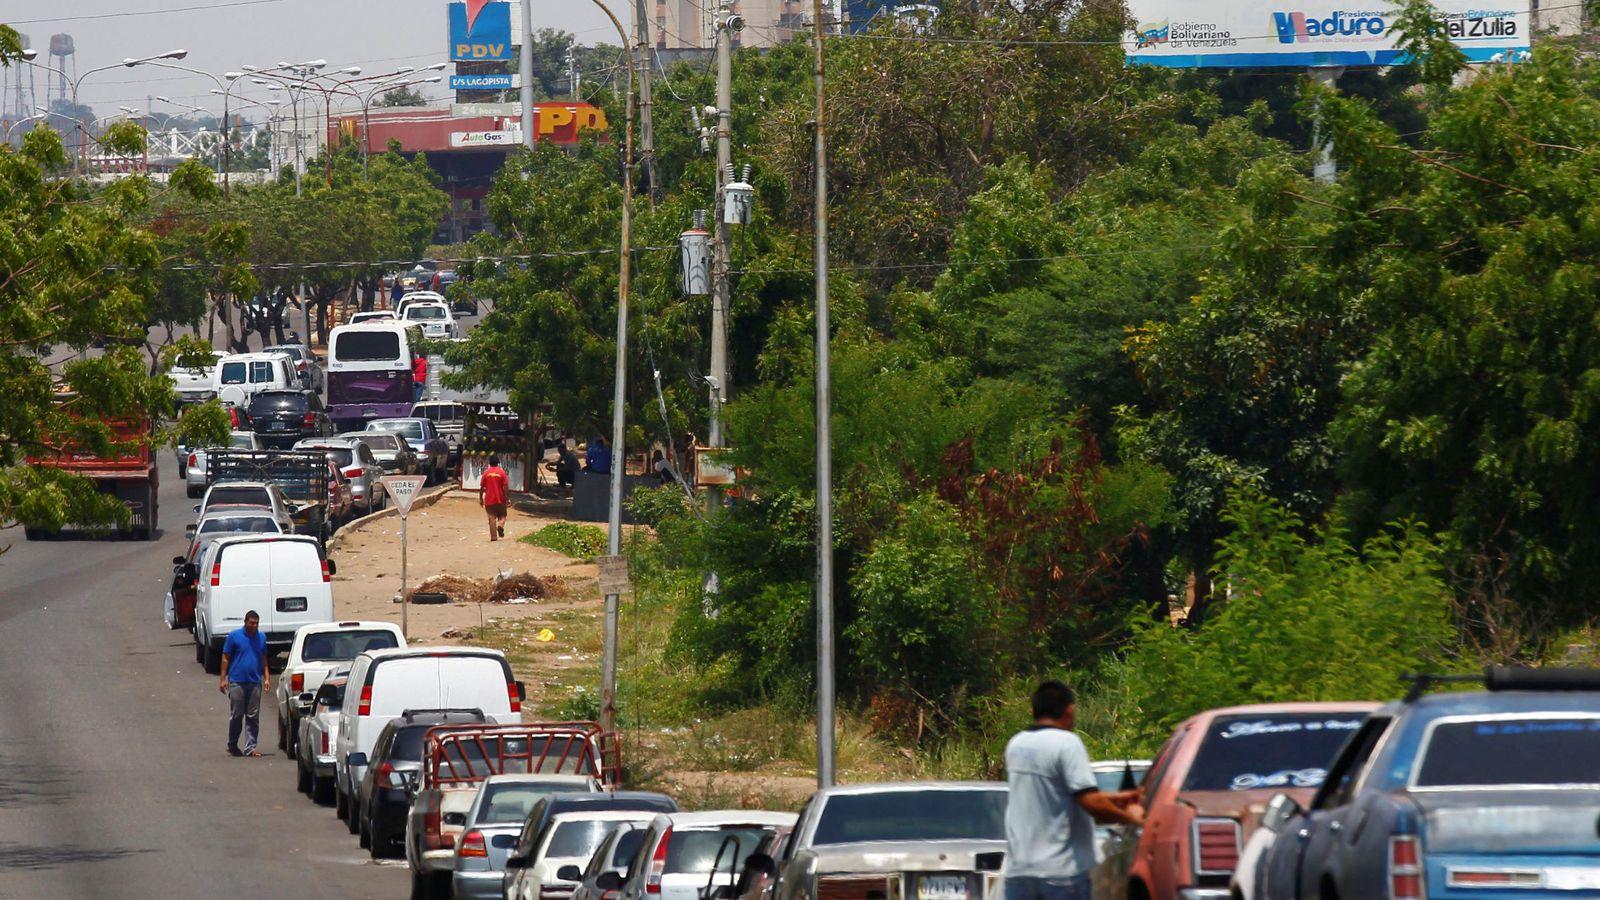 Noticias De Venezuela Venezuela Al País Con Las Mayores Reservas Mundiales De Crudo Se Le Agota La Gasolina